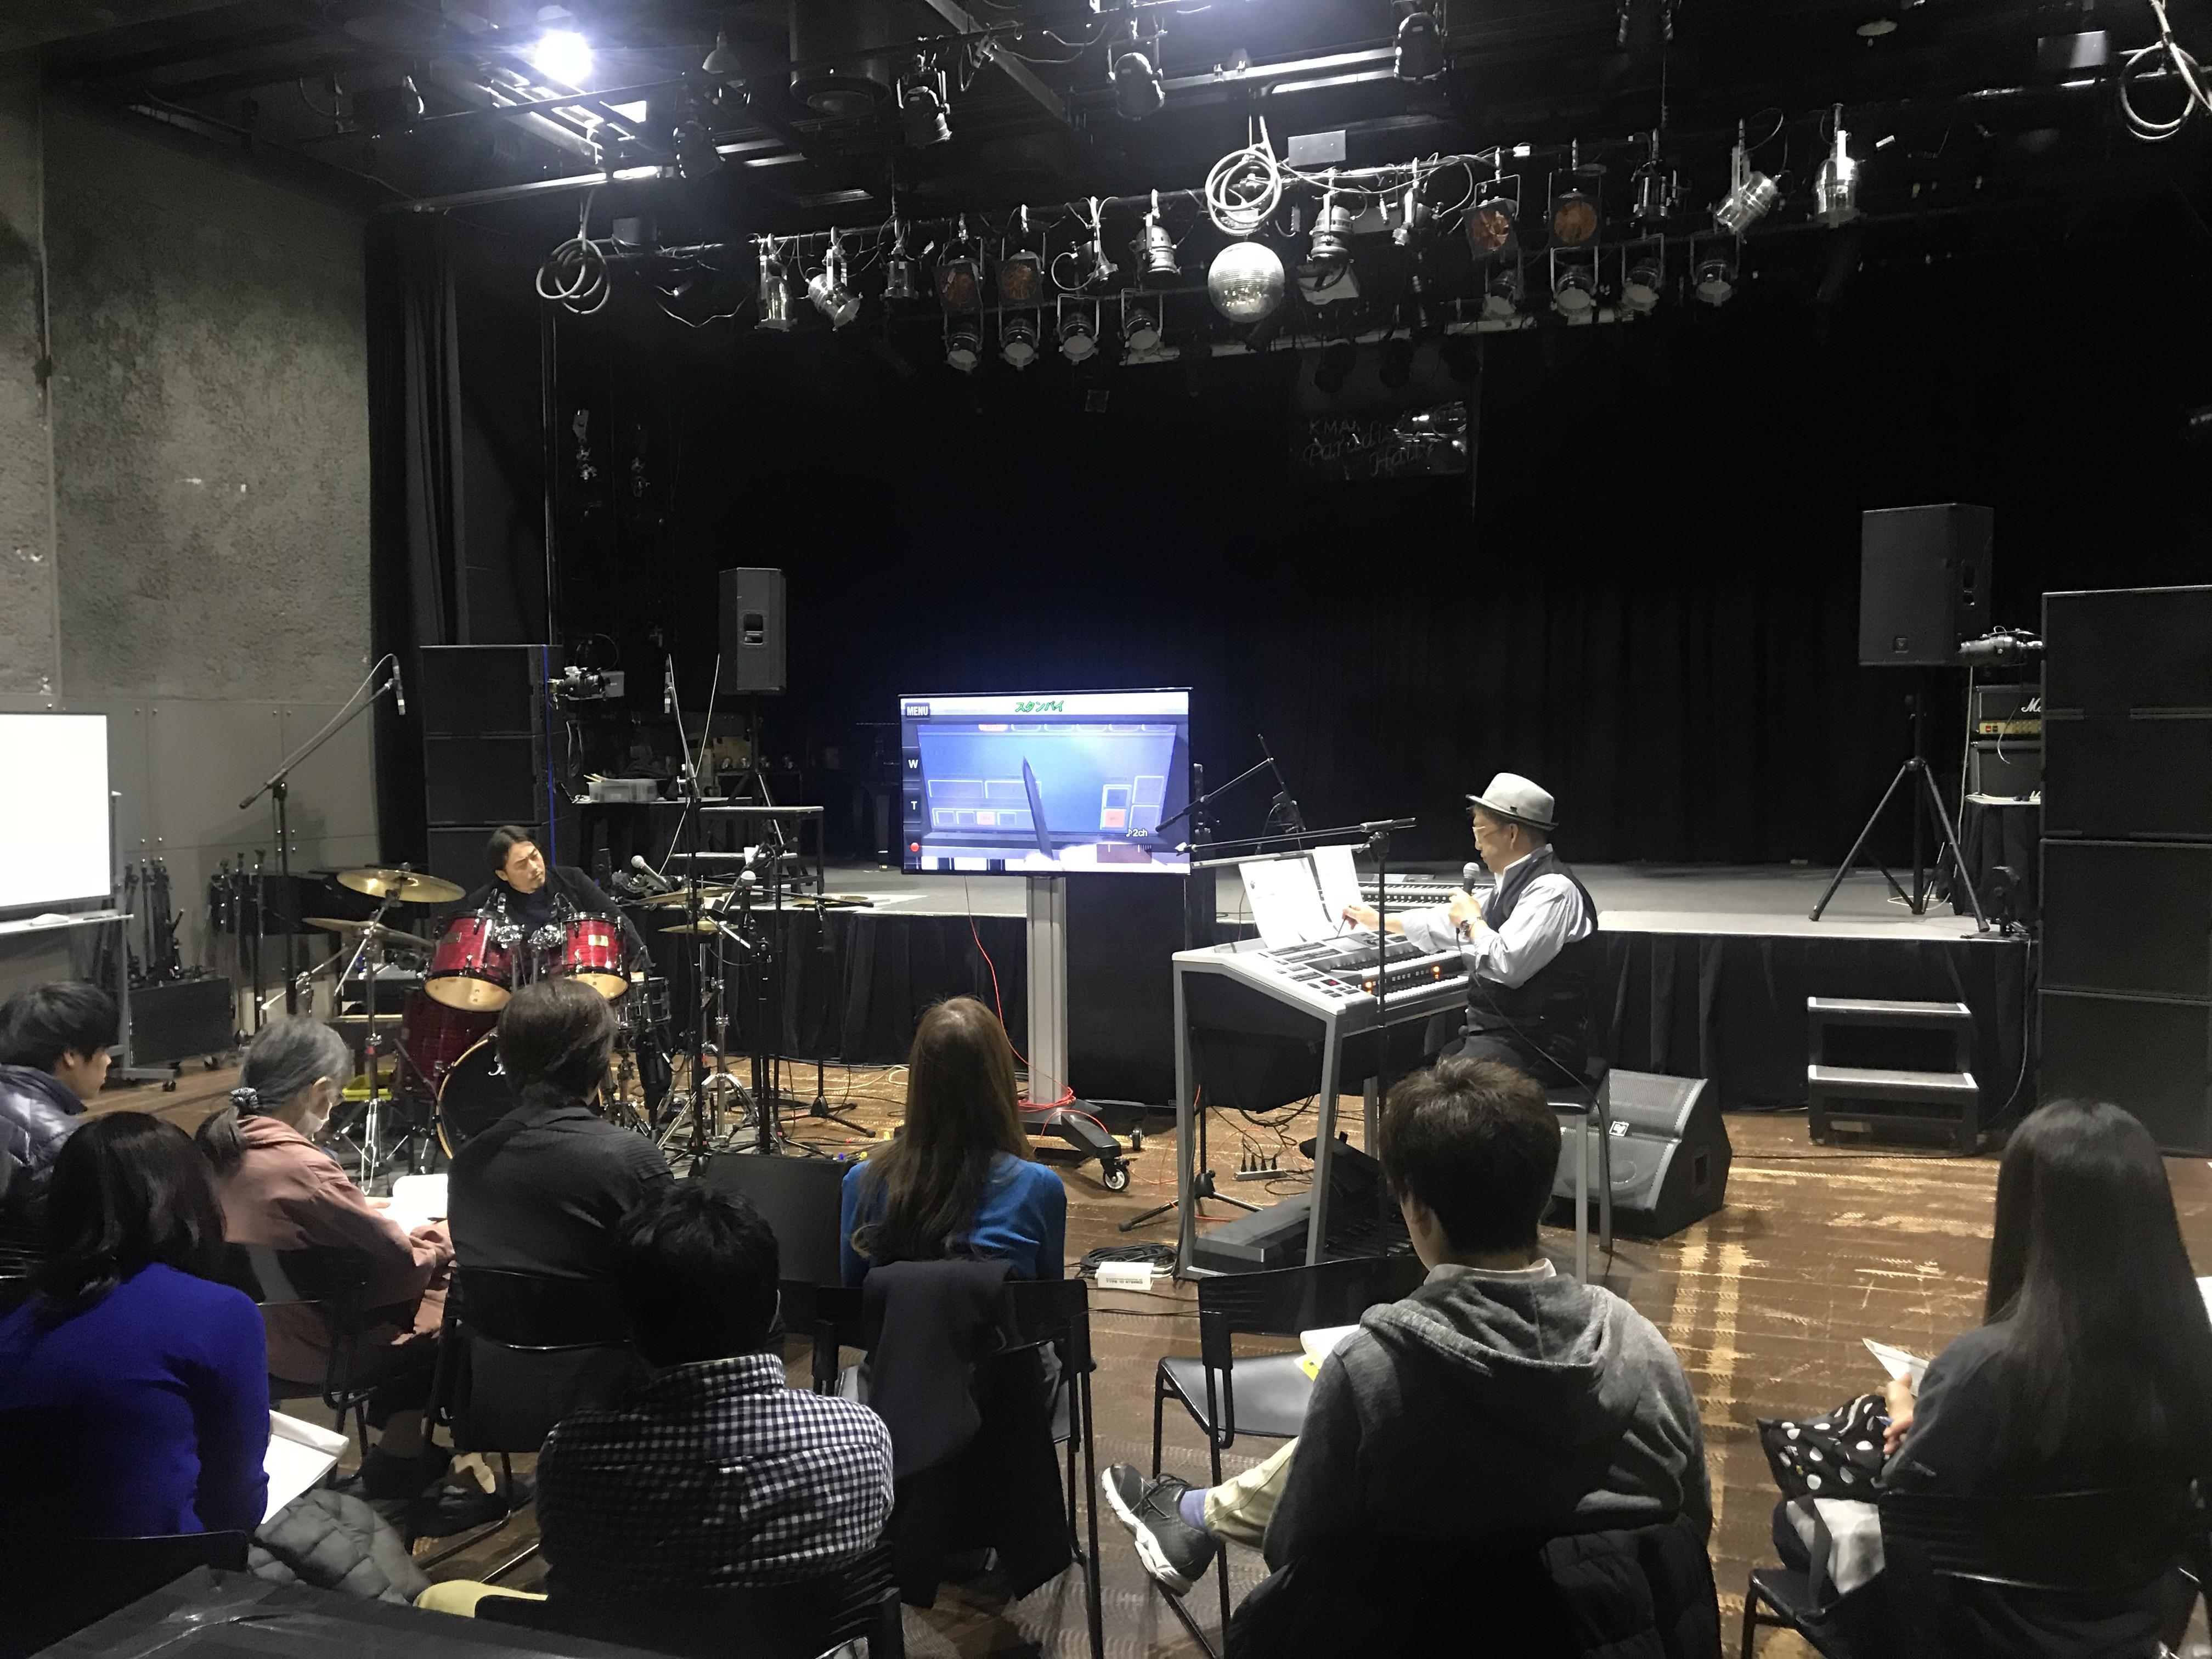 客席後方から撮影。オータケハヤト講師の実演を、おぎたひろゆき講師が即座にプログラミング。